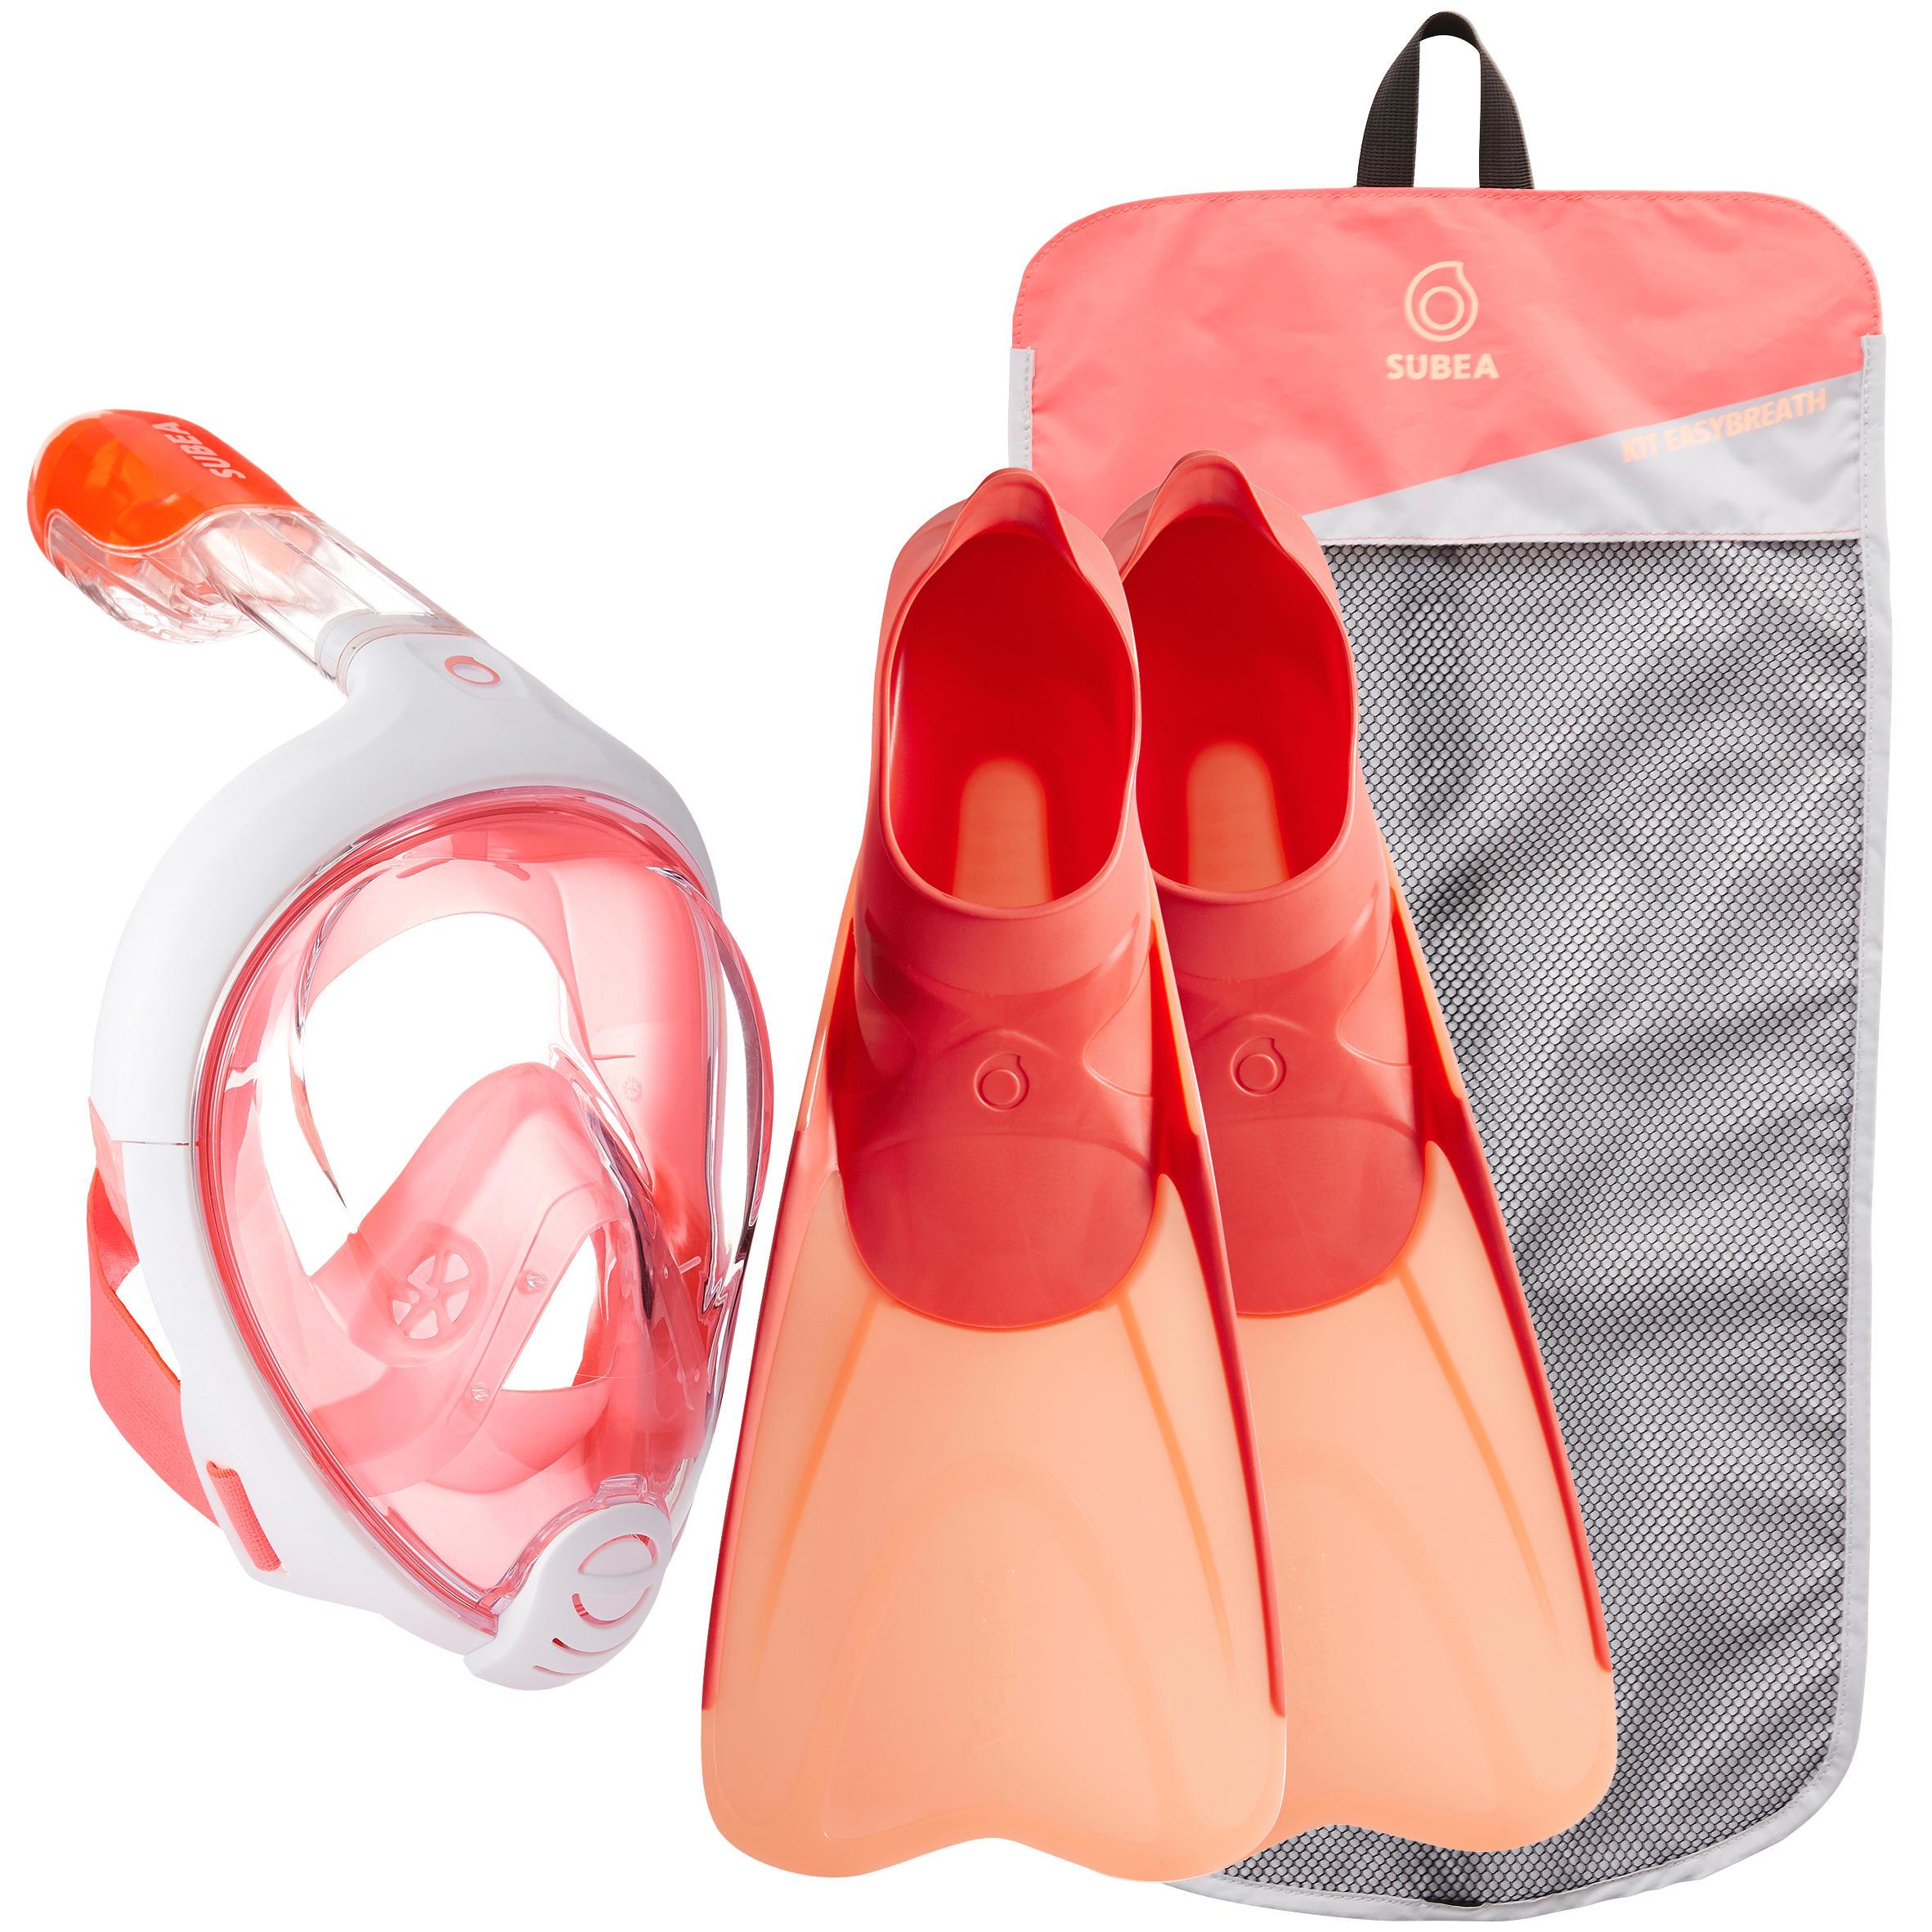 Subea Snorkelset Easybreath en snorkelvinnen koraal roze kopen